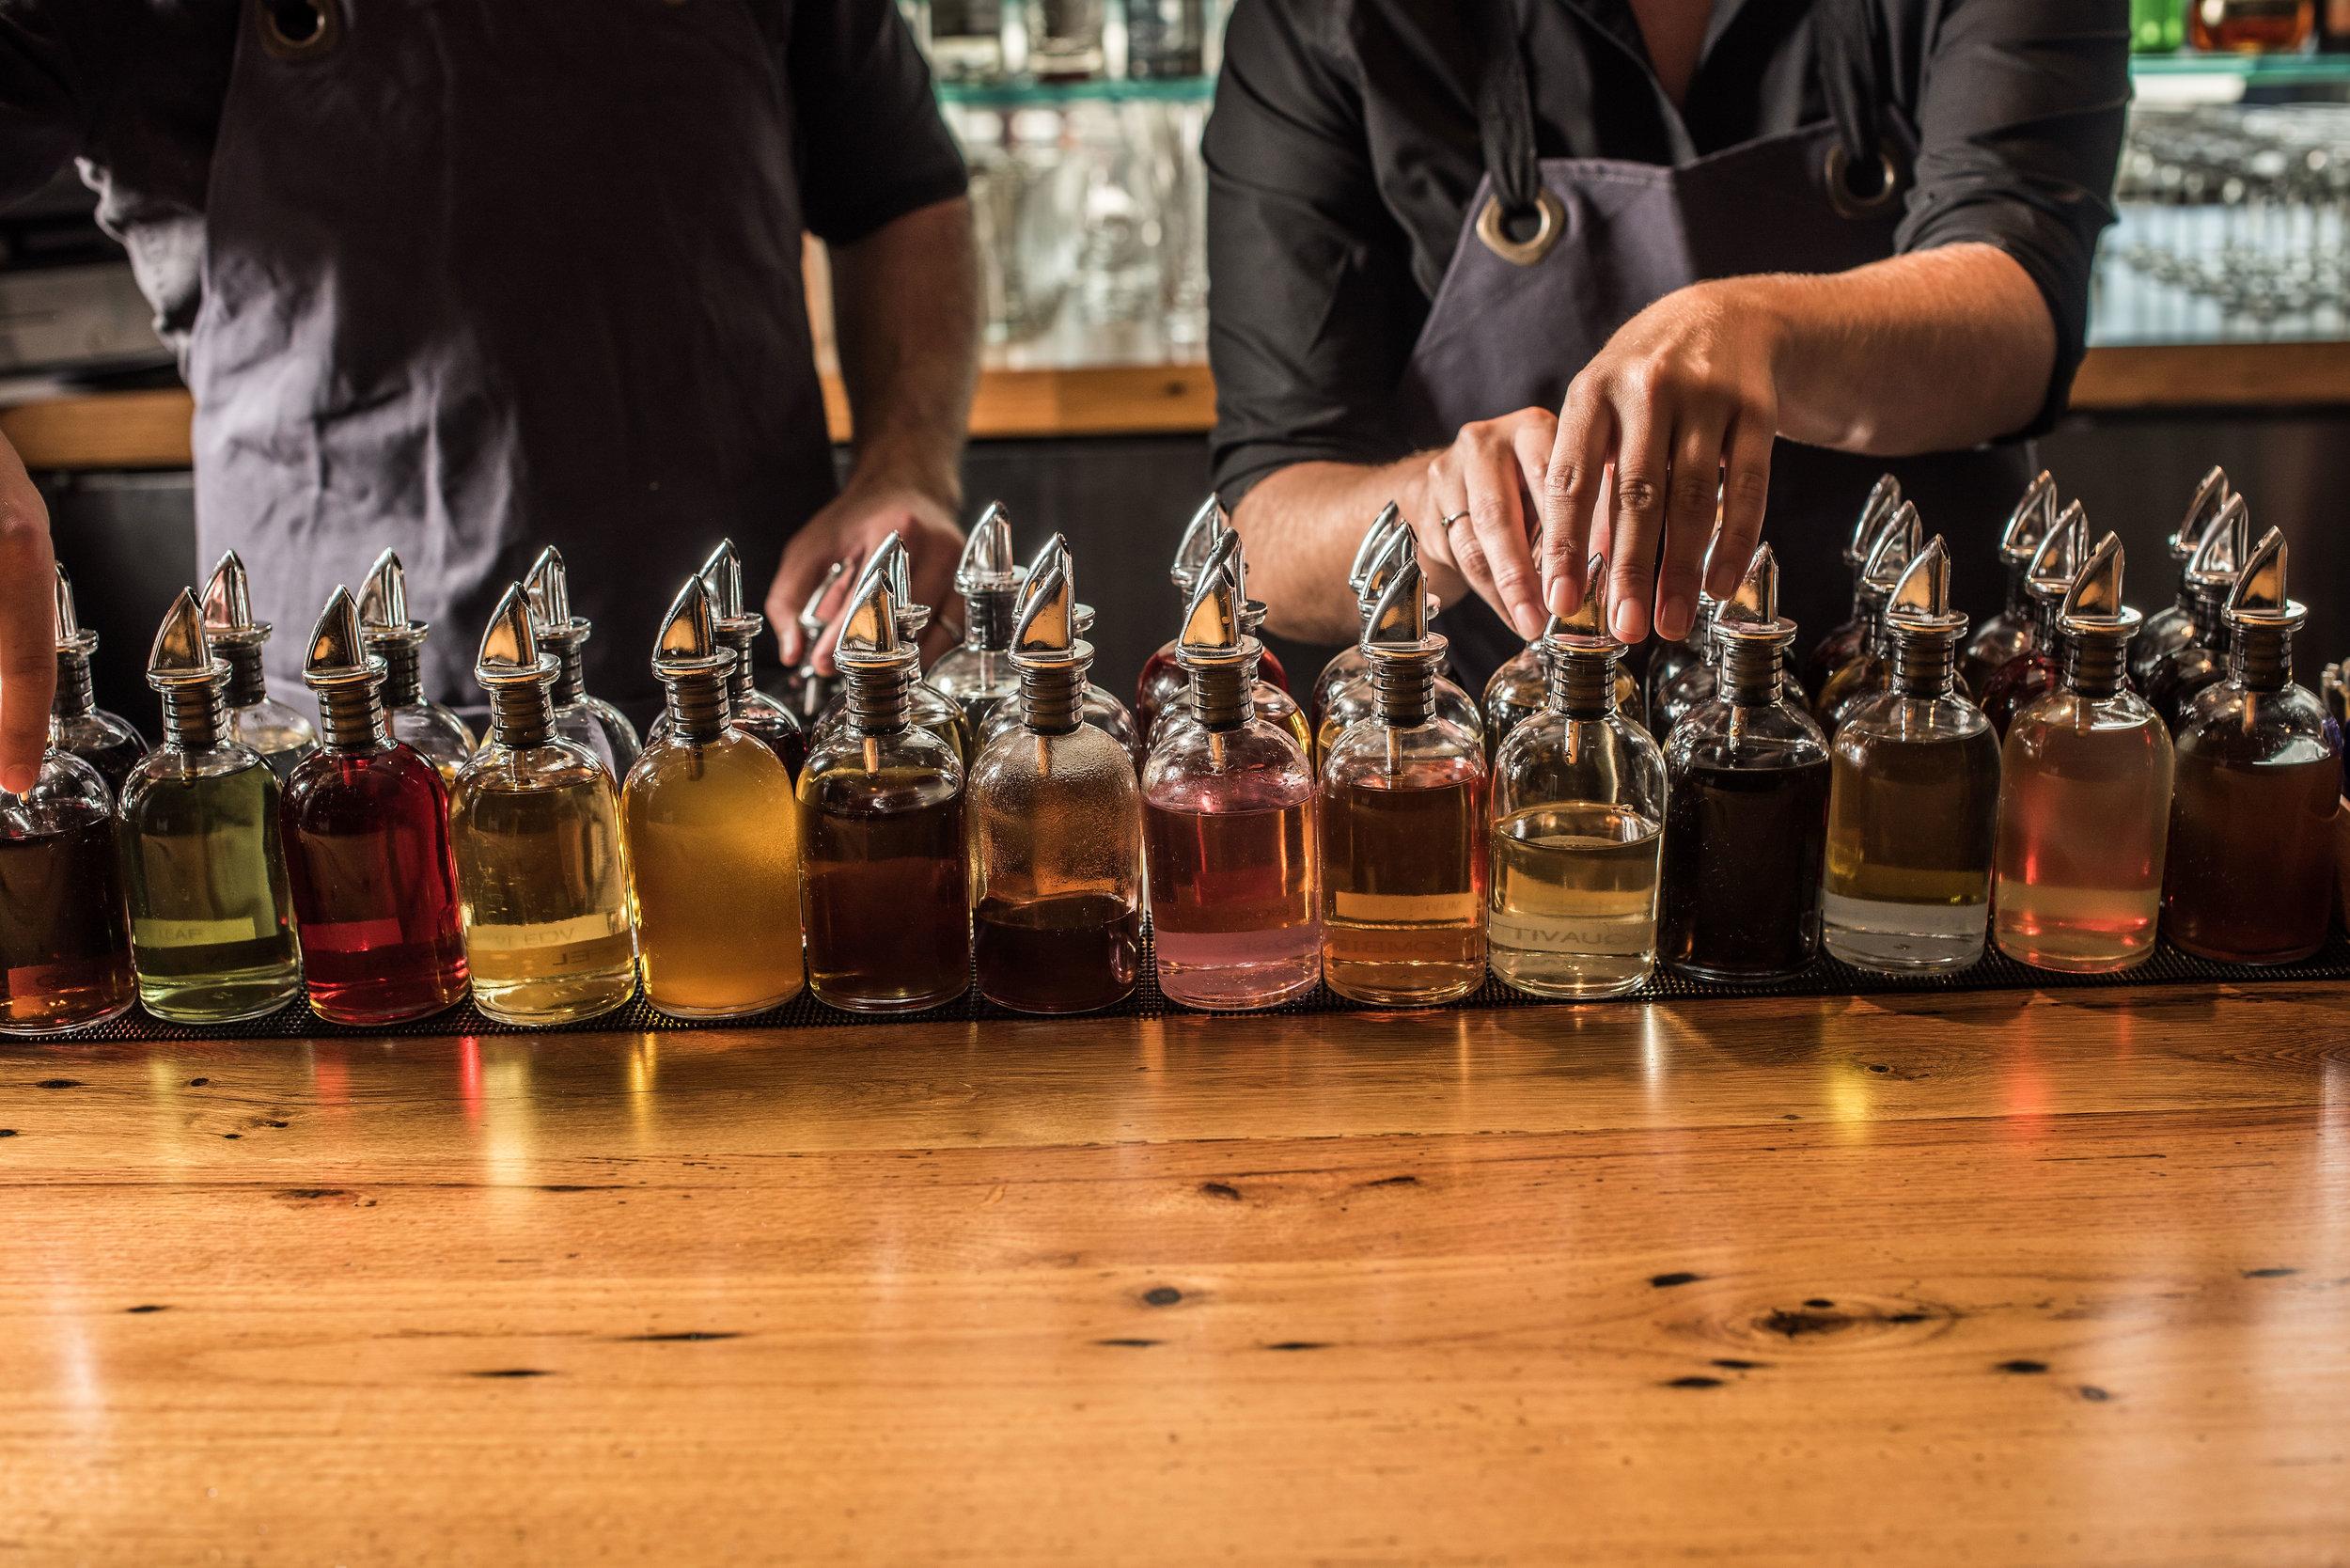 greenriver-bar-detail-bottles and bartenders-anthony tahlier-lg.jpg